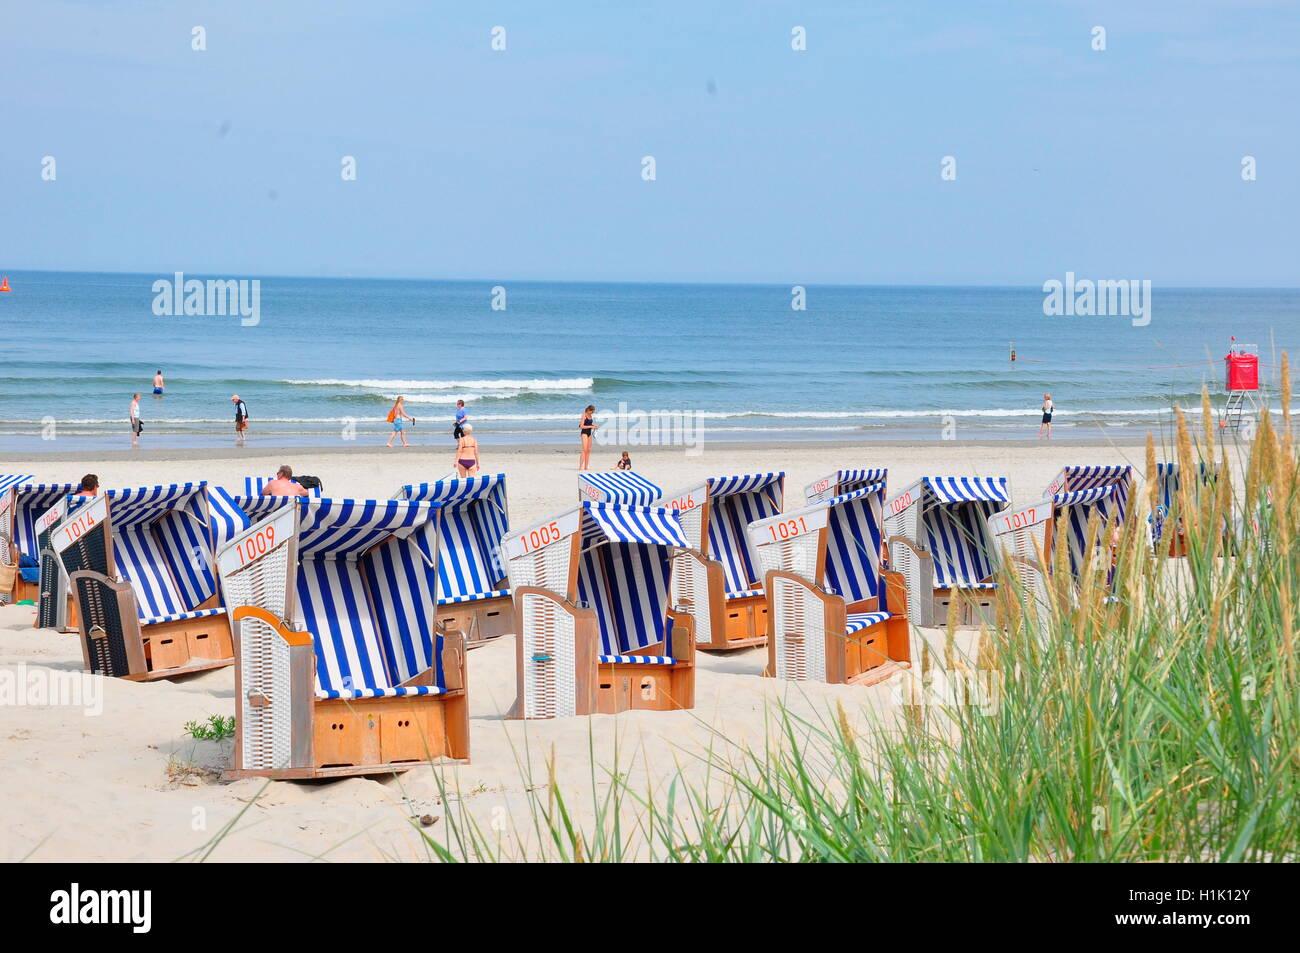 Strand, Sommer, Strandkoerbe, Urlaub, Nordsee, Norderney, Wattenmeer, Deutschland Stock Photo